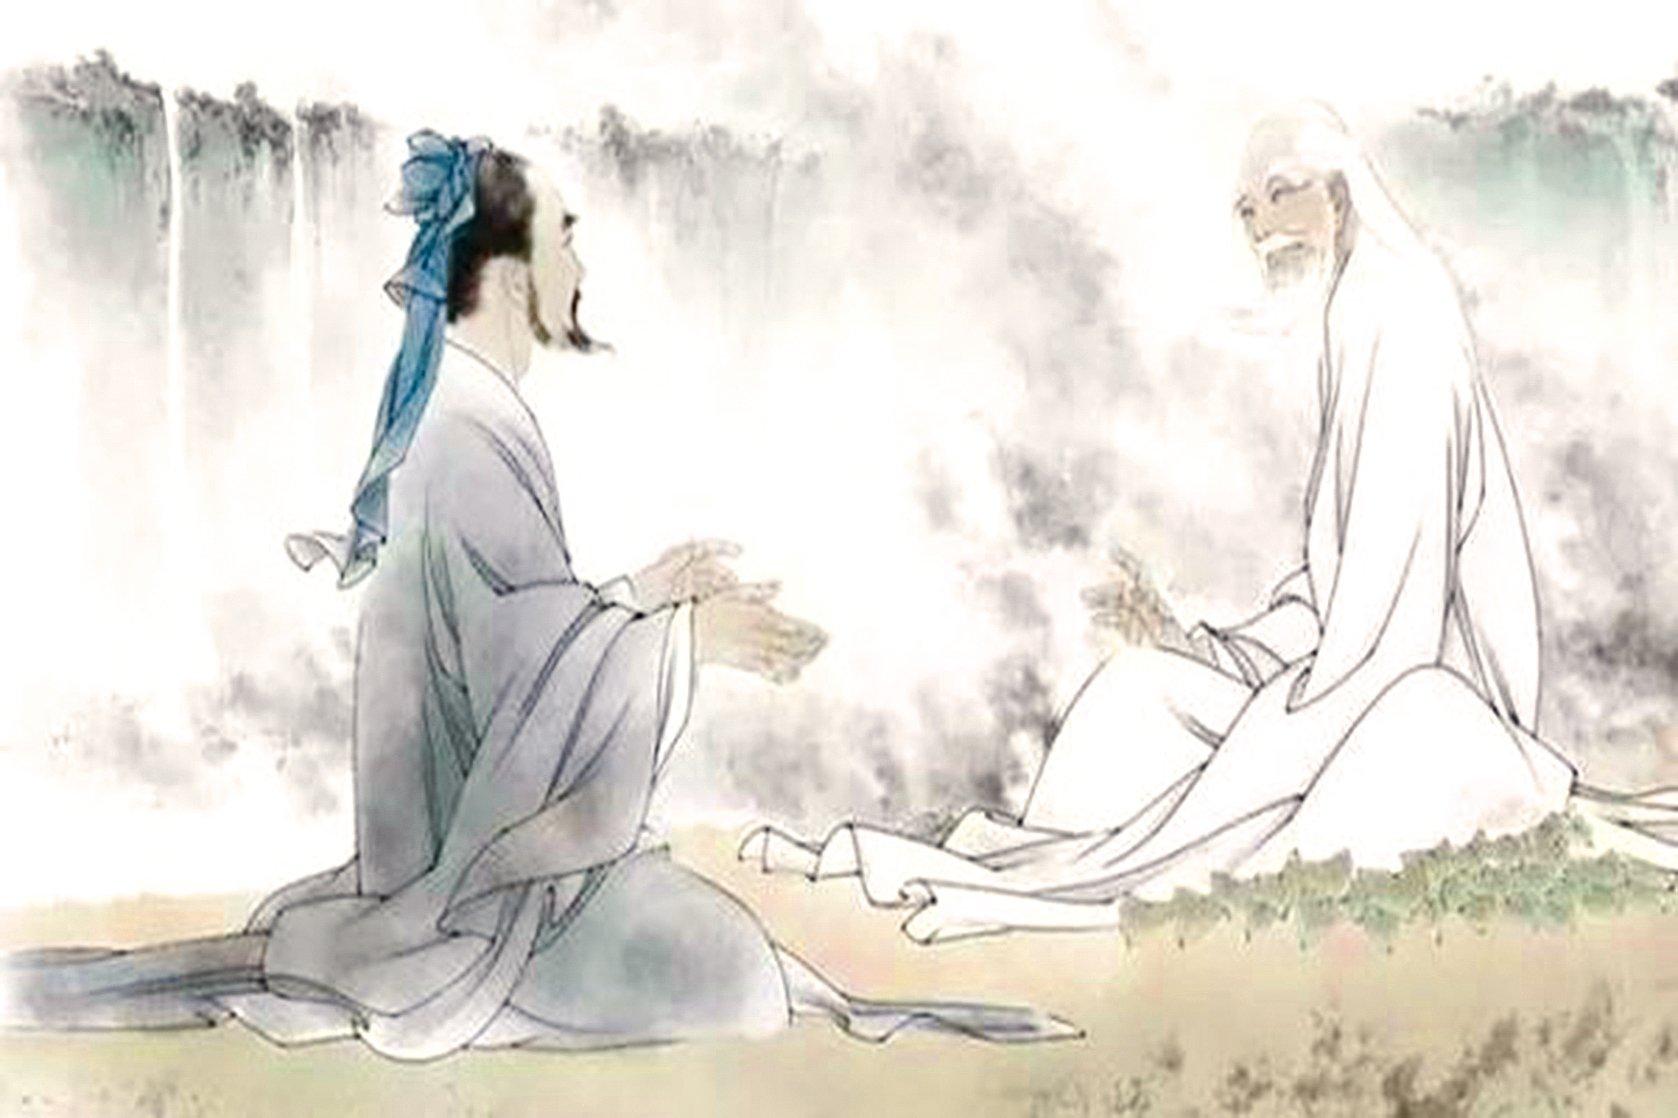 老子和孔子的對話,流傳百世的千古智慧!(圖片來源 網絡)